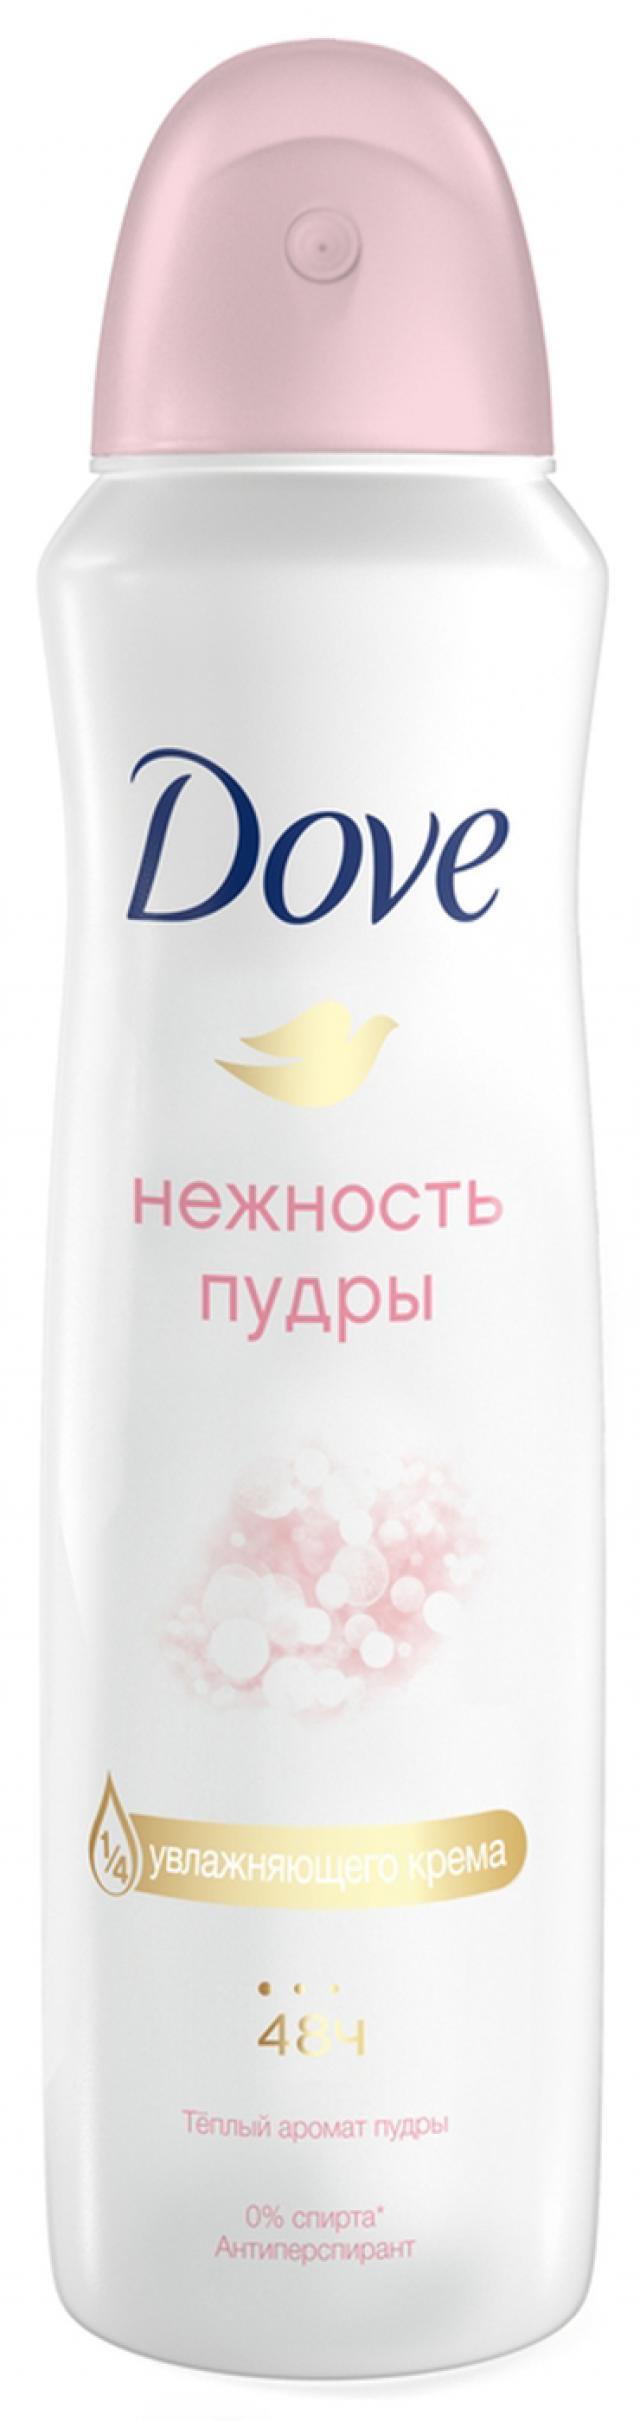 Дав дезодорант-спрей Нежность пудры 150мл купить в Москве по цене от 0 рублей